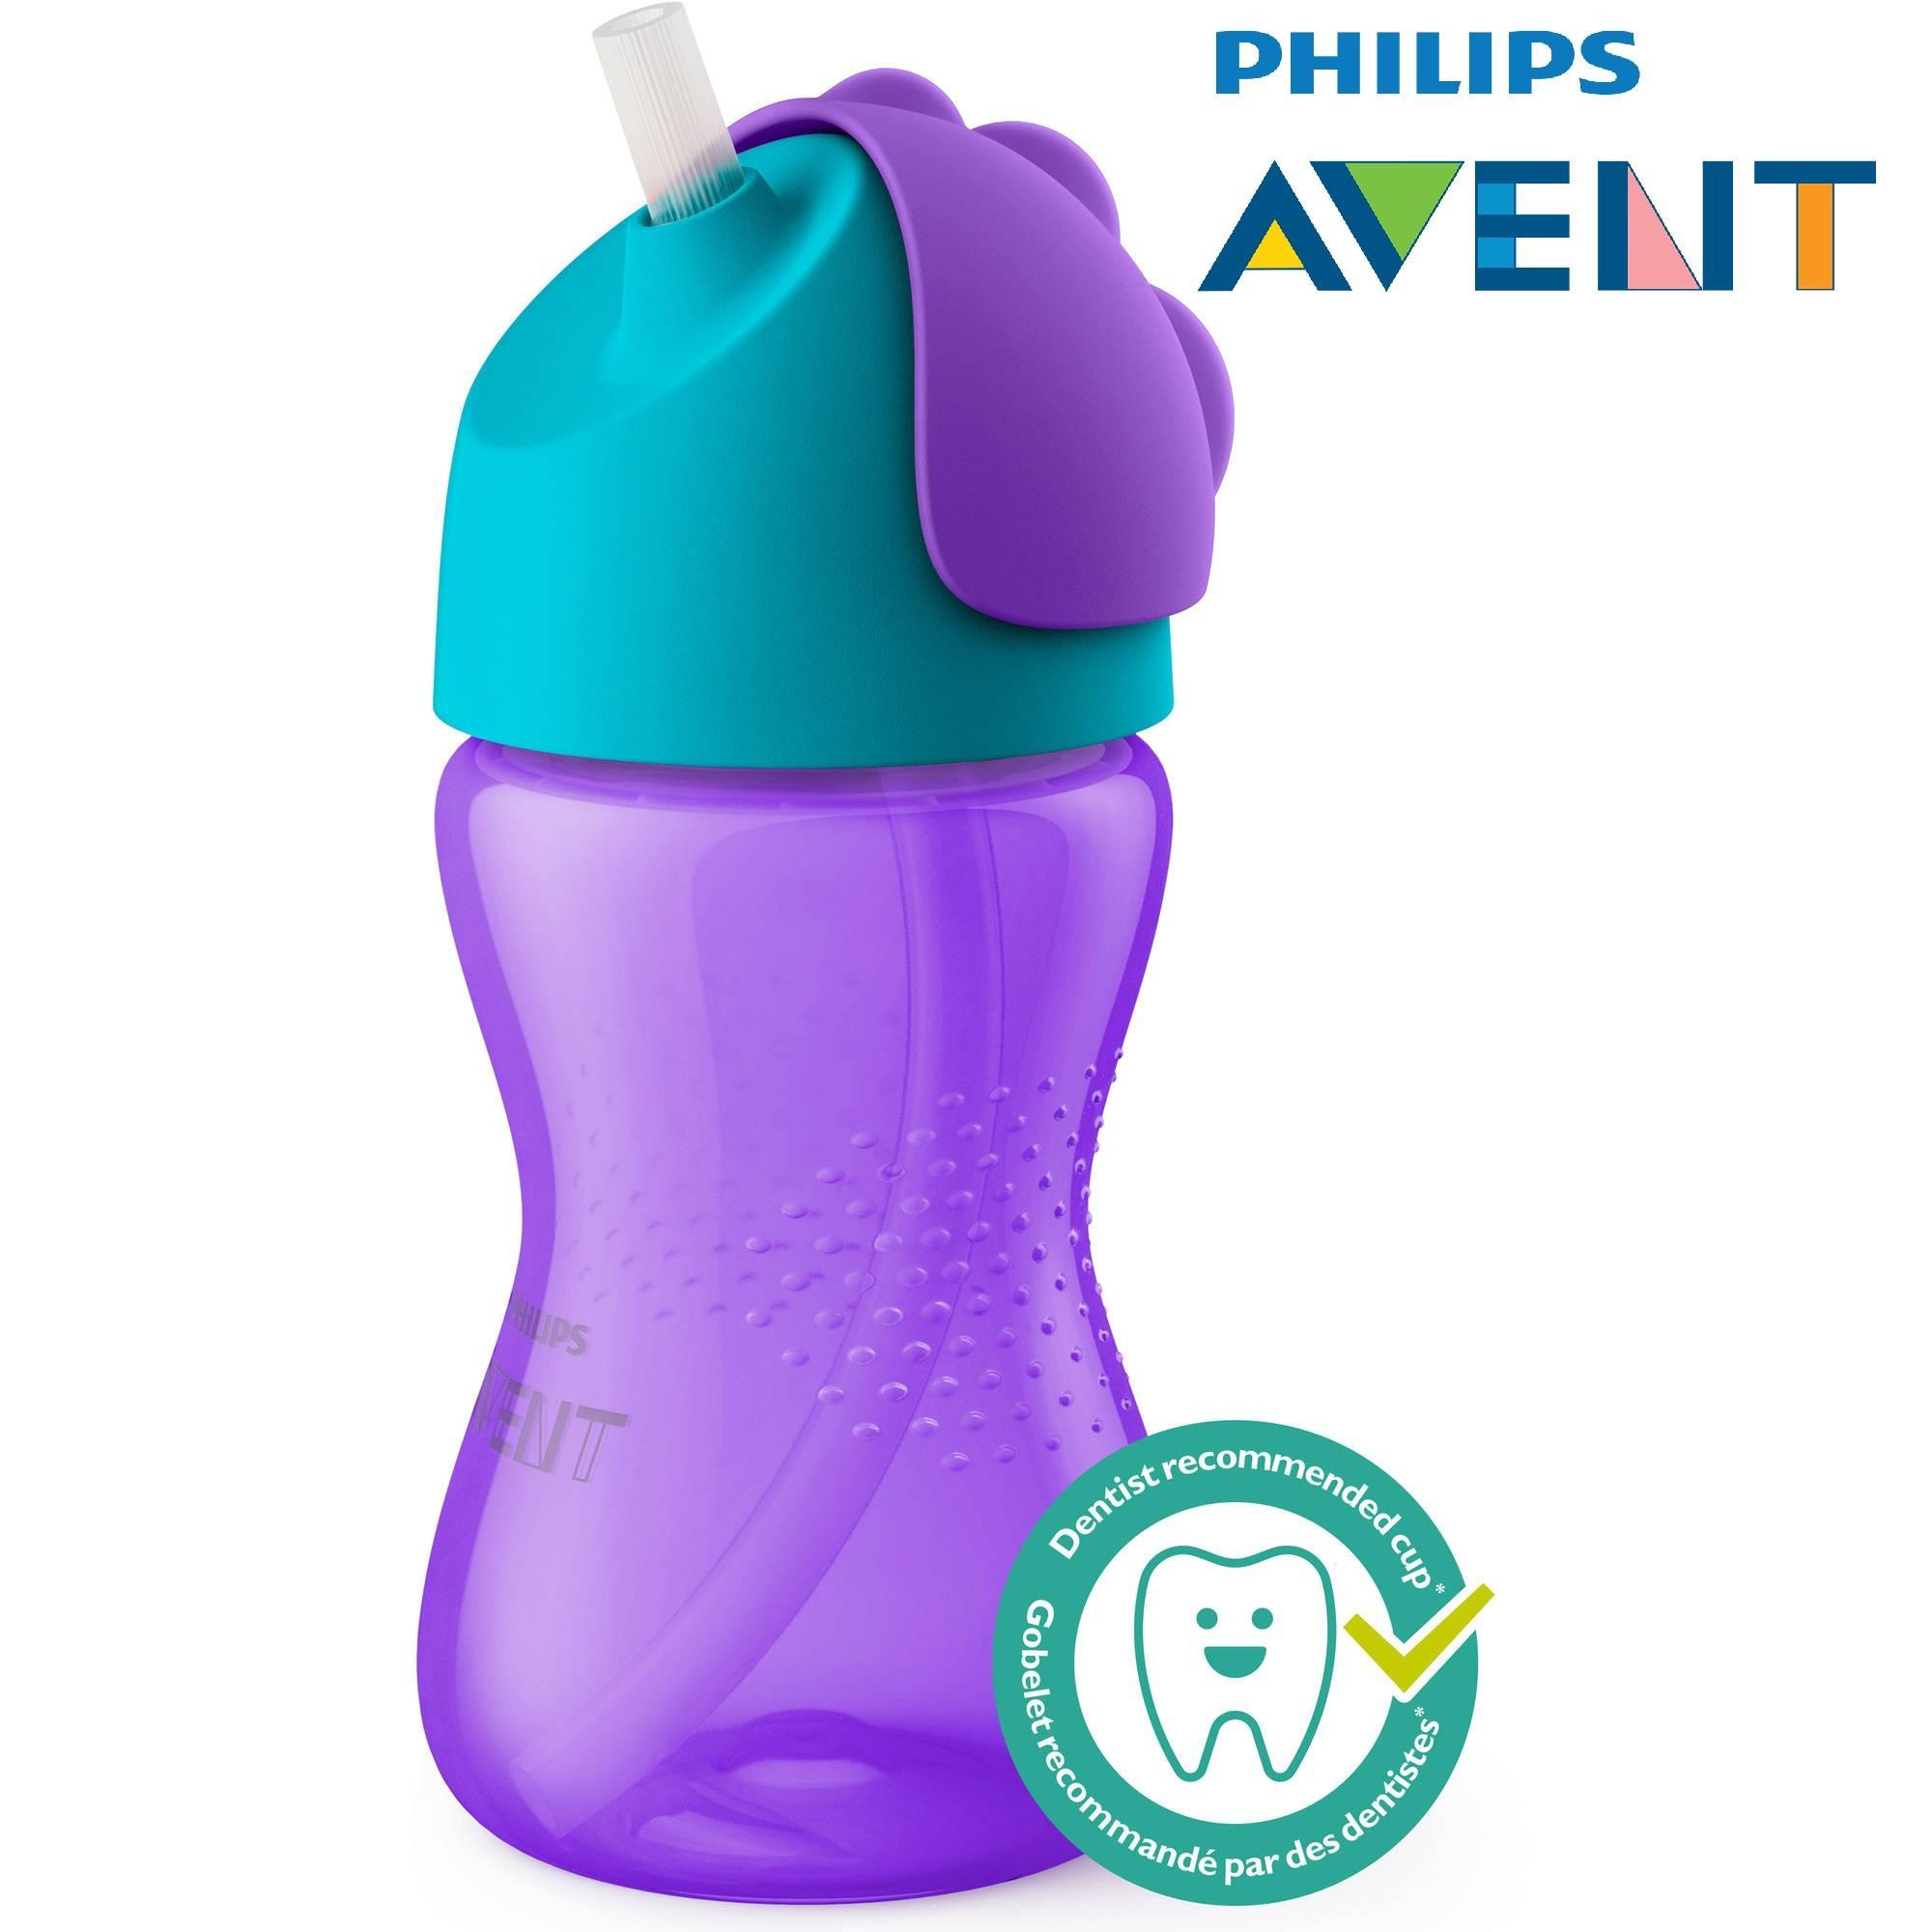 Bình nước tập uống ống hút Philips Avent 300ml (Xách tay Mỹ)